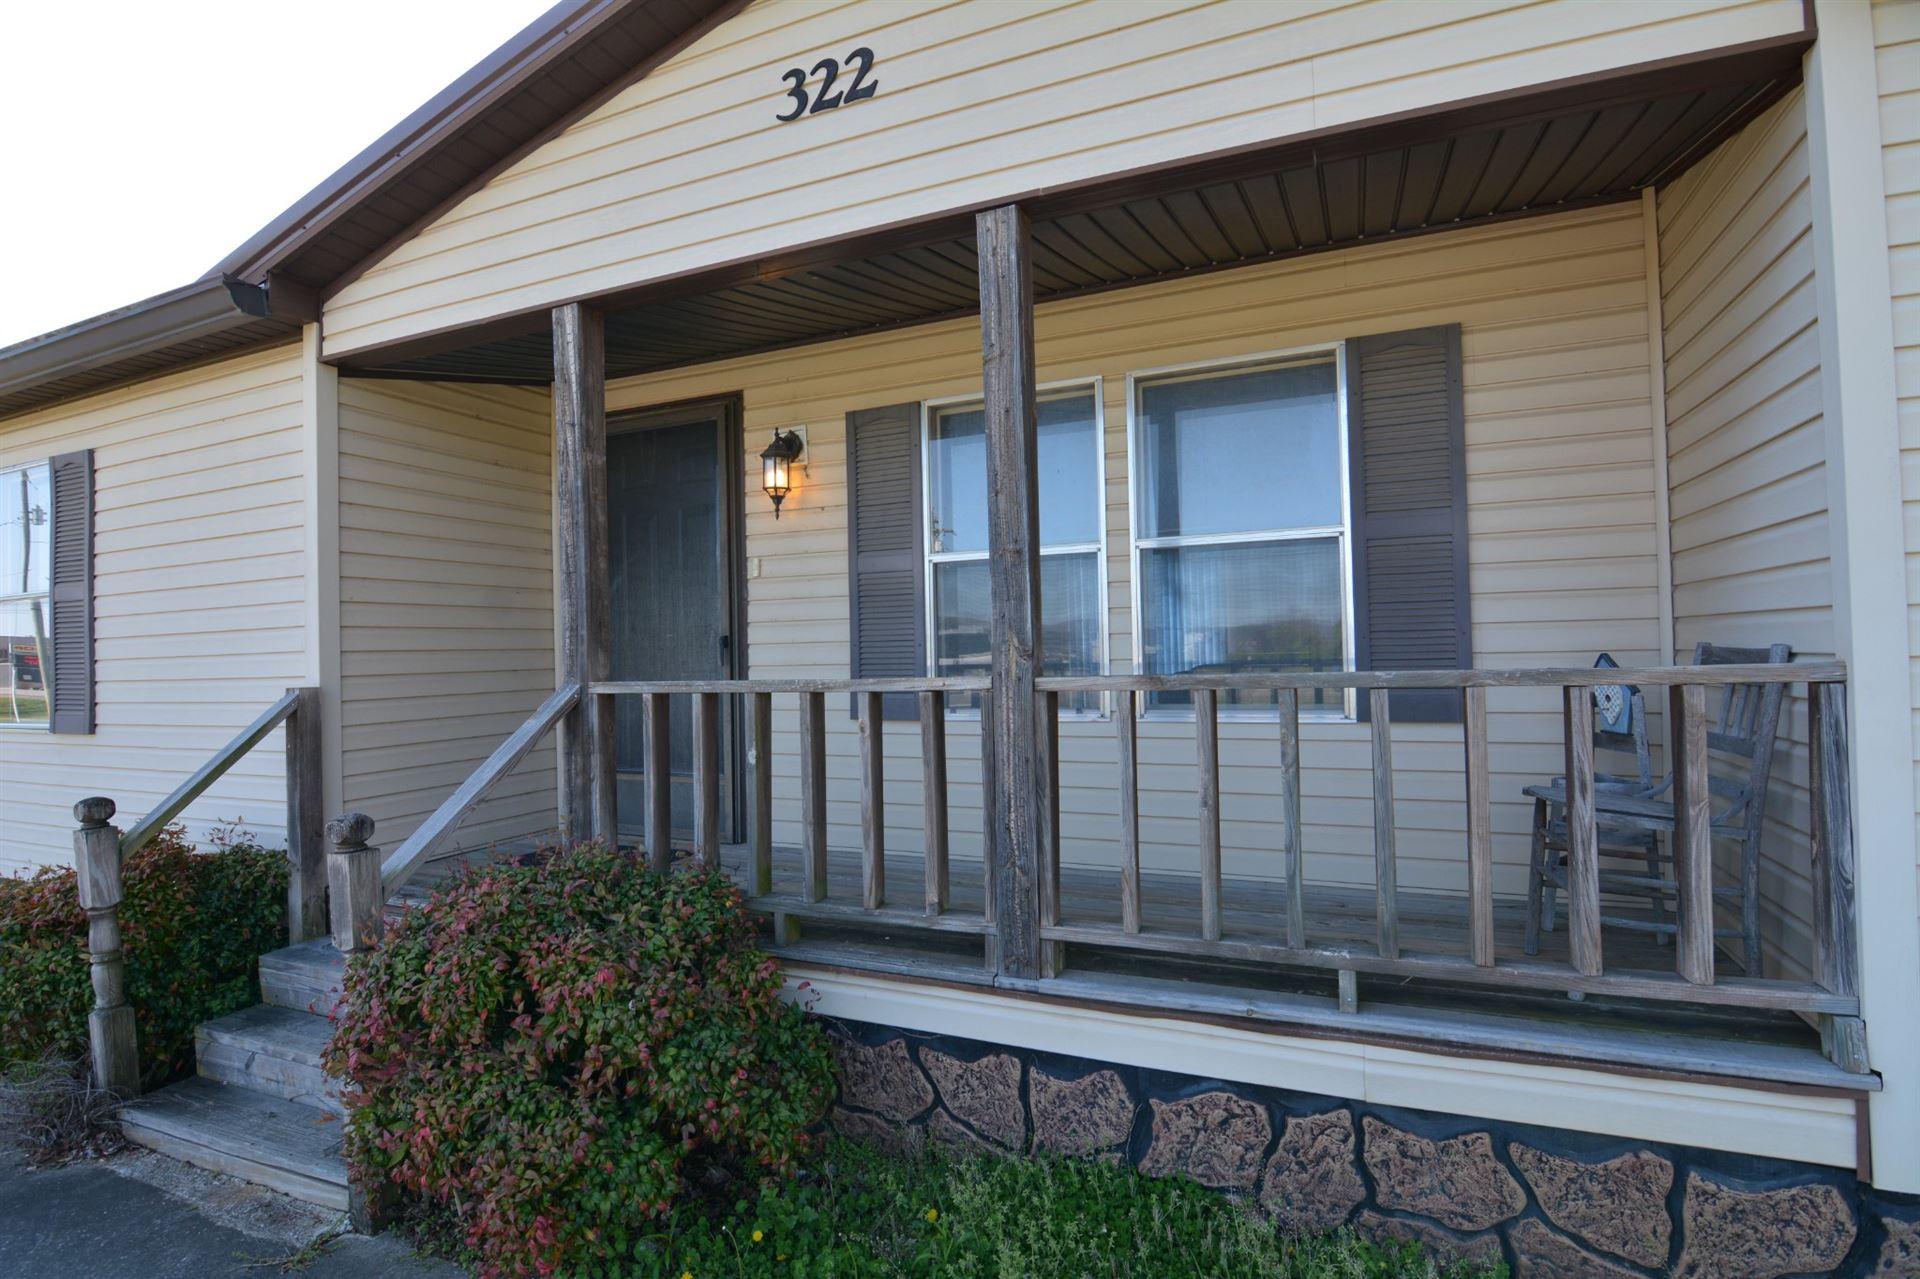 322 Main St, Huntland, TN 37345 - MLS#: 2241639